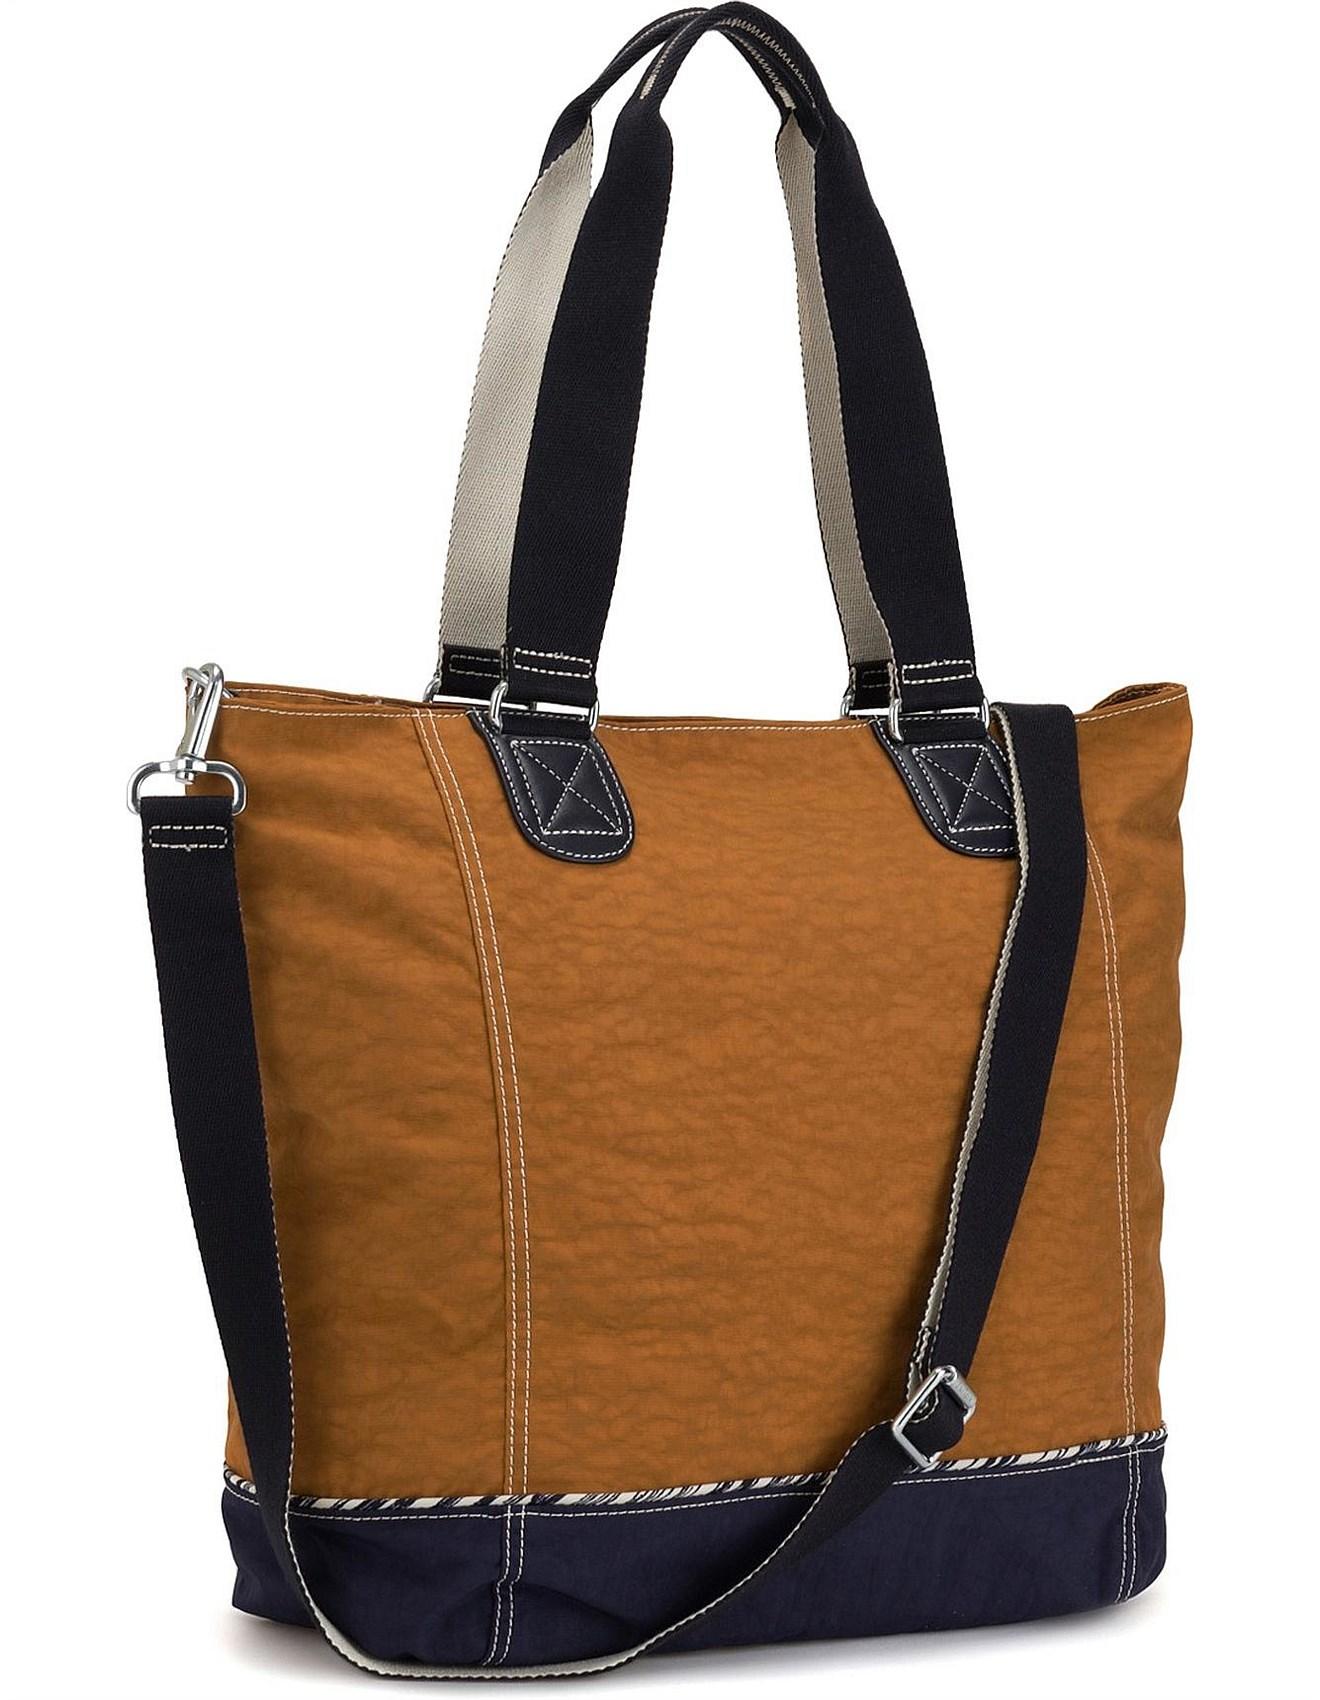 d2aadcf5b5 Women's Bags | Handbags, Clutches, Tote Bags Online | David Jones ...